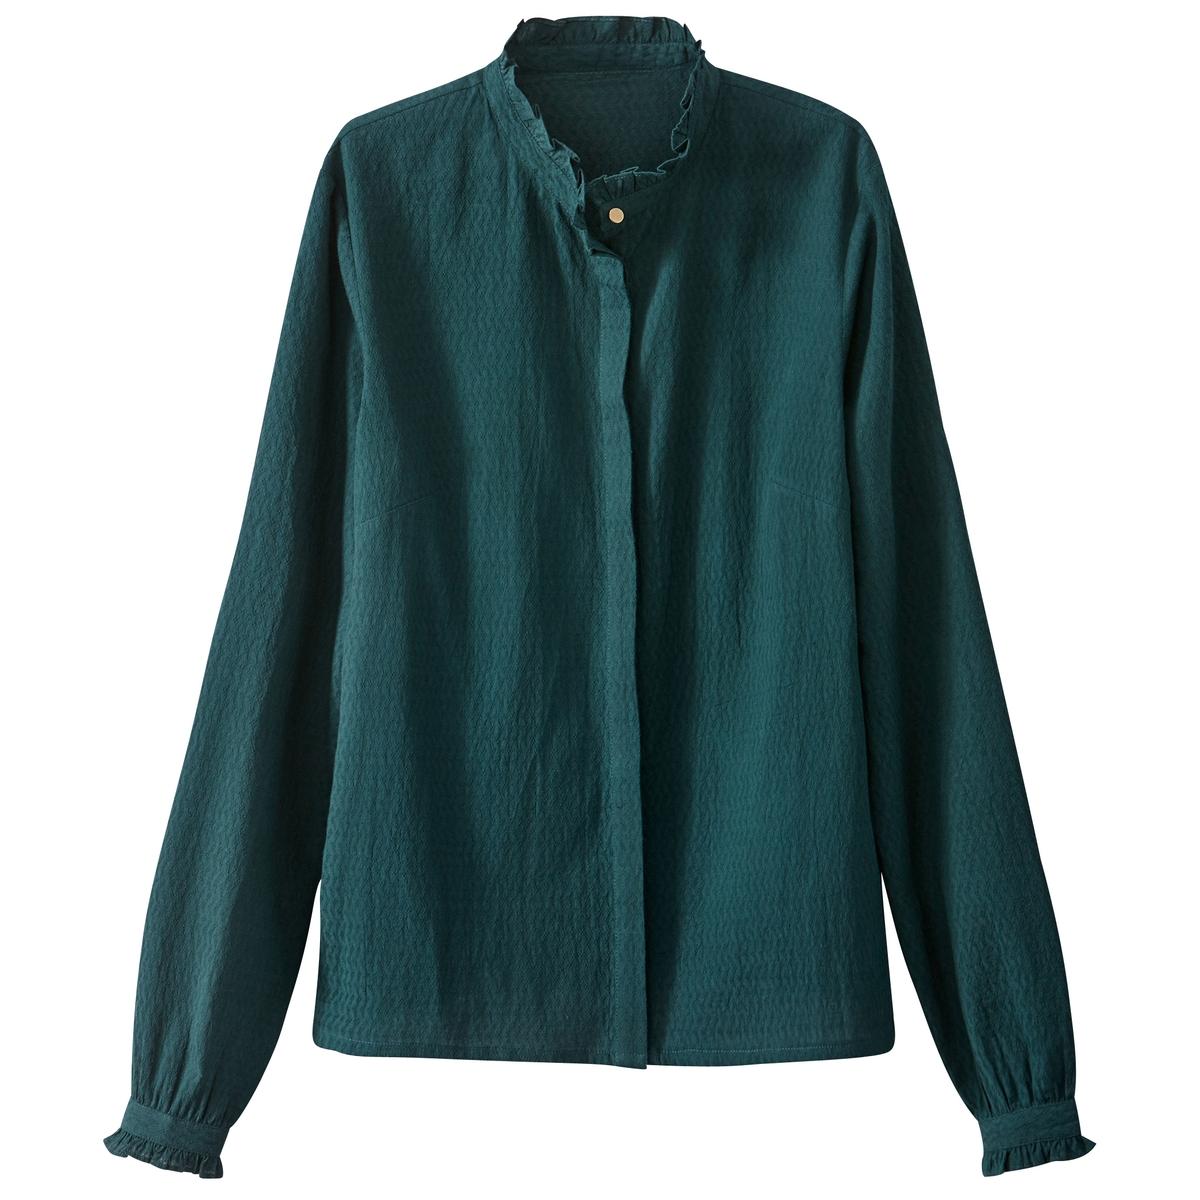 Рубашка с длинными рукавами, с рюшьюДетали •  Длинные рукава  •  Прямой покрой  •  Воротник-стойкаСостав и уход •  100% хлопок  •  Температура стирки при 30° при деликатном режиме   •  Сухая чистка и отбеливание запрещены    •  Не использовать барабанную сушку   •  Низкая температура глажки<br><br>Цвет: белый,темно-зеленый<br>Размер: 40 (FR) - 46 (RUS).34 (FR) - 40 (RUS).42 (FR) - 48 (RUS).38 (FR) - 44 (RUS).36 (FR) - 42 (RUS).40 (FR) - 46 (RUS)